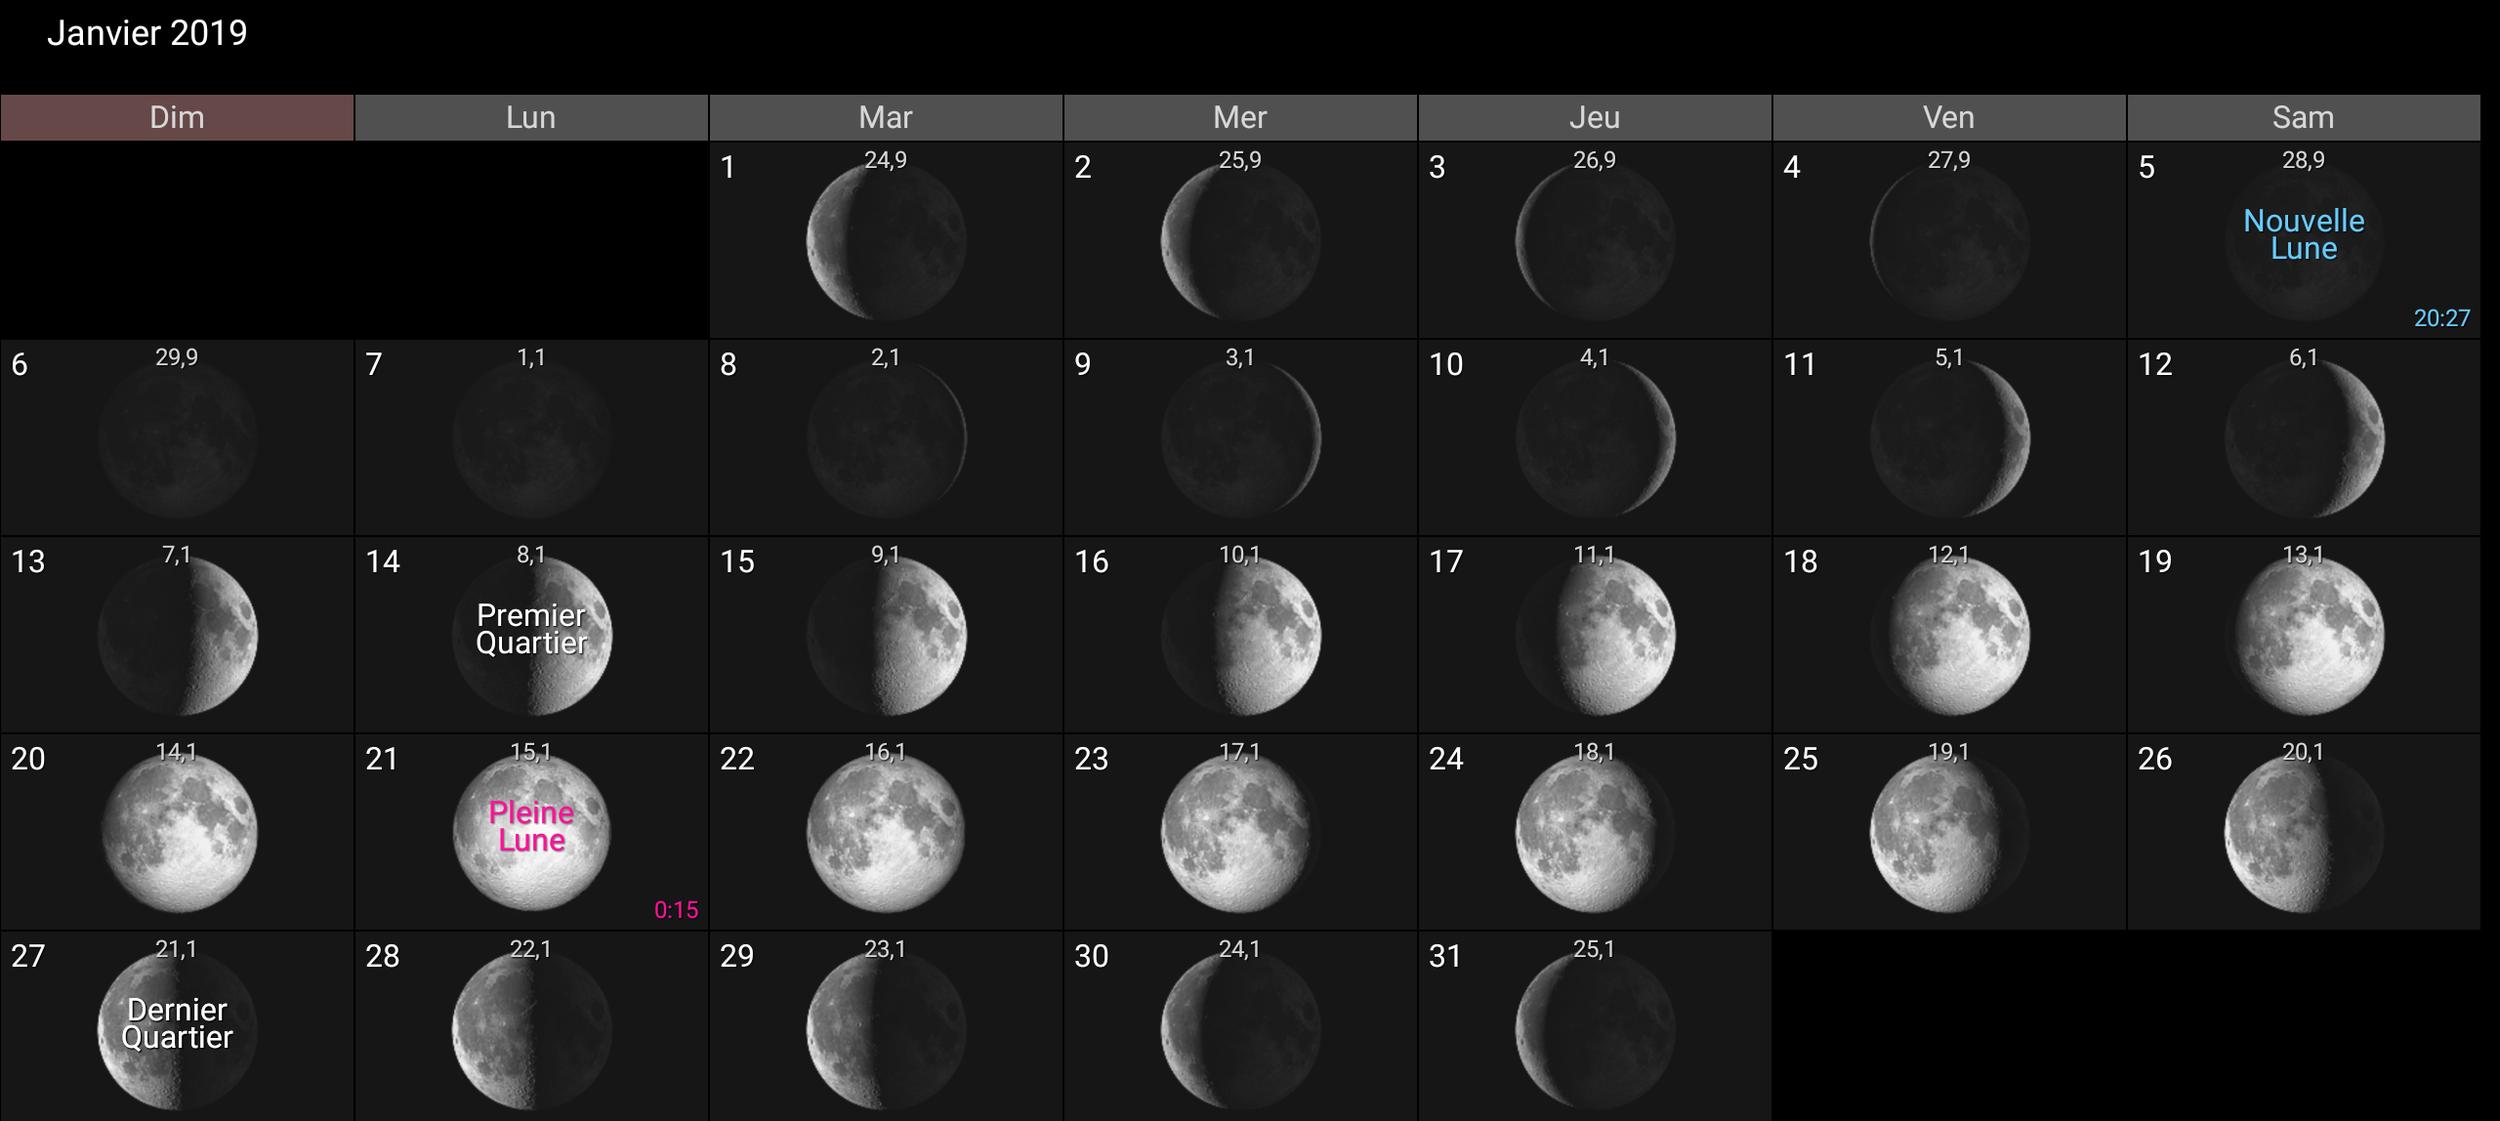 Les phases de la Lune pour Janvier 2019